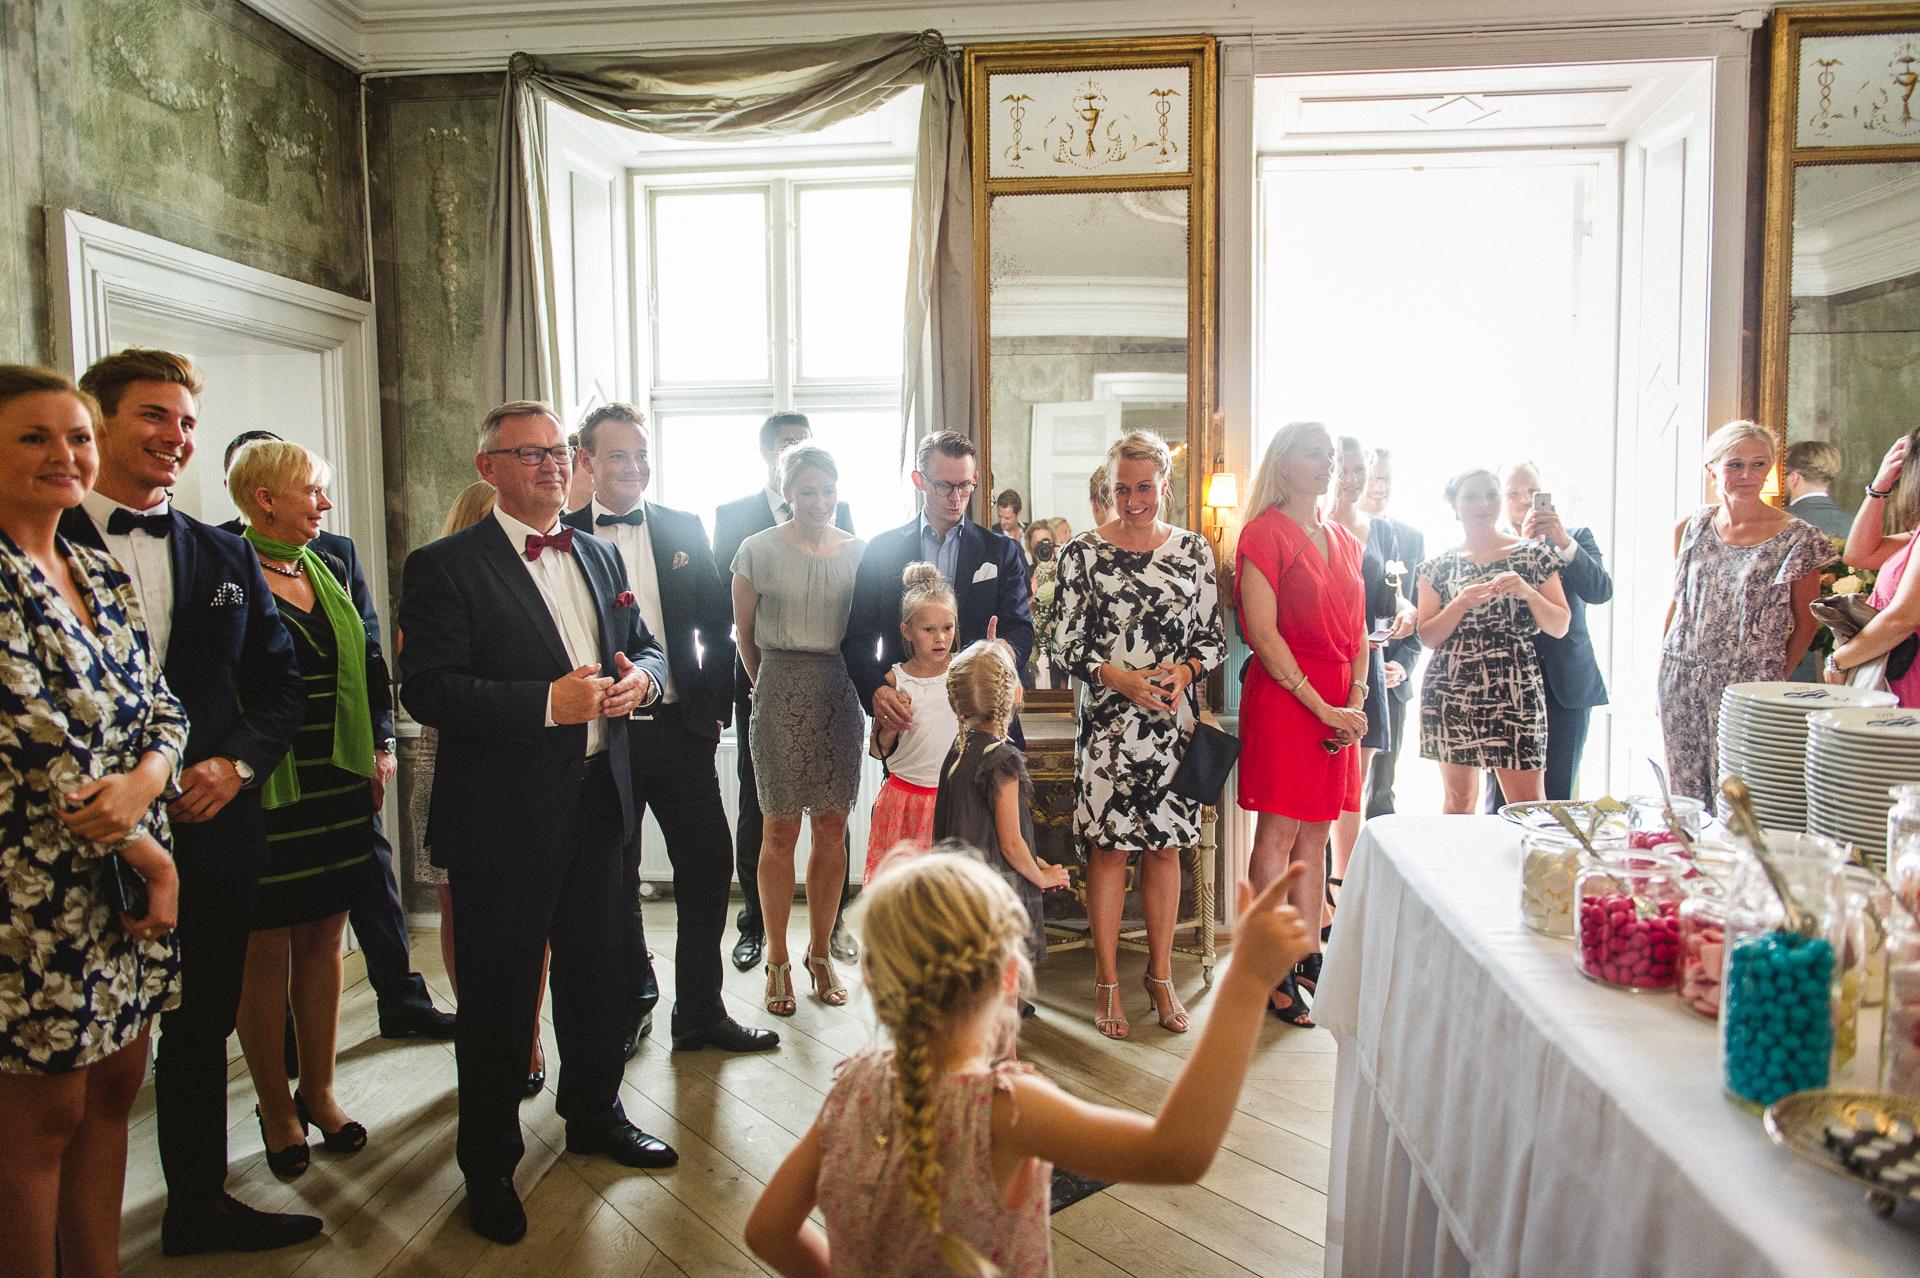 bryllup-wedding-jomfruens-egede-AK-Christian_36